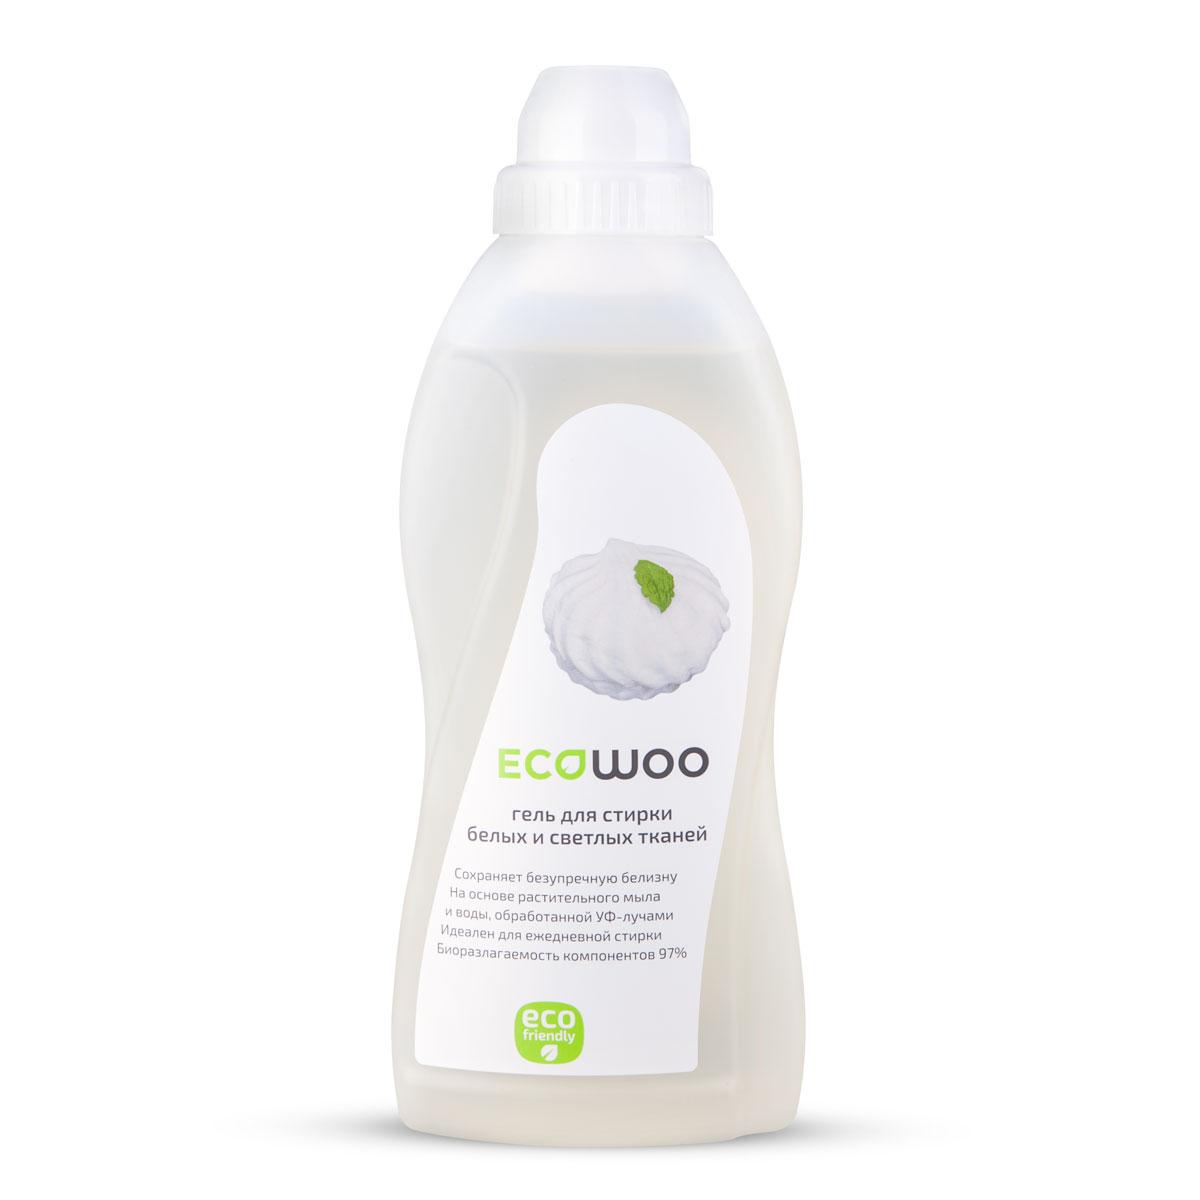 Гель EcoWoo для стирки белых и светлых тканей, 0,7 л531-402Сохраняет безупречную белизну. На основе растительного мыла и воды, обработанной УФ- лучами. Идеален для ежедневной стирки. Биоразлагаемость компонентов 97%. Формула ECOWOO обеспечивает бережный уход за белым бельем и светлыми вещами. Не допускает появления желтизны и серого налета на вещах.